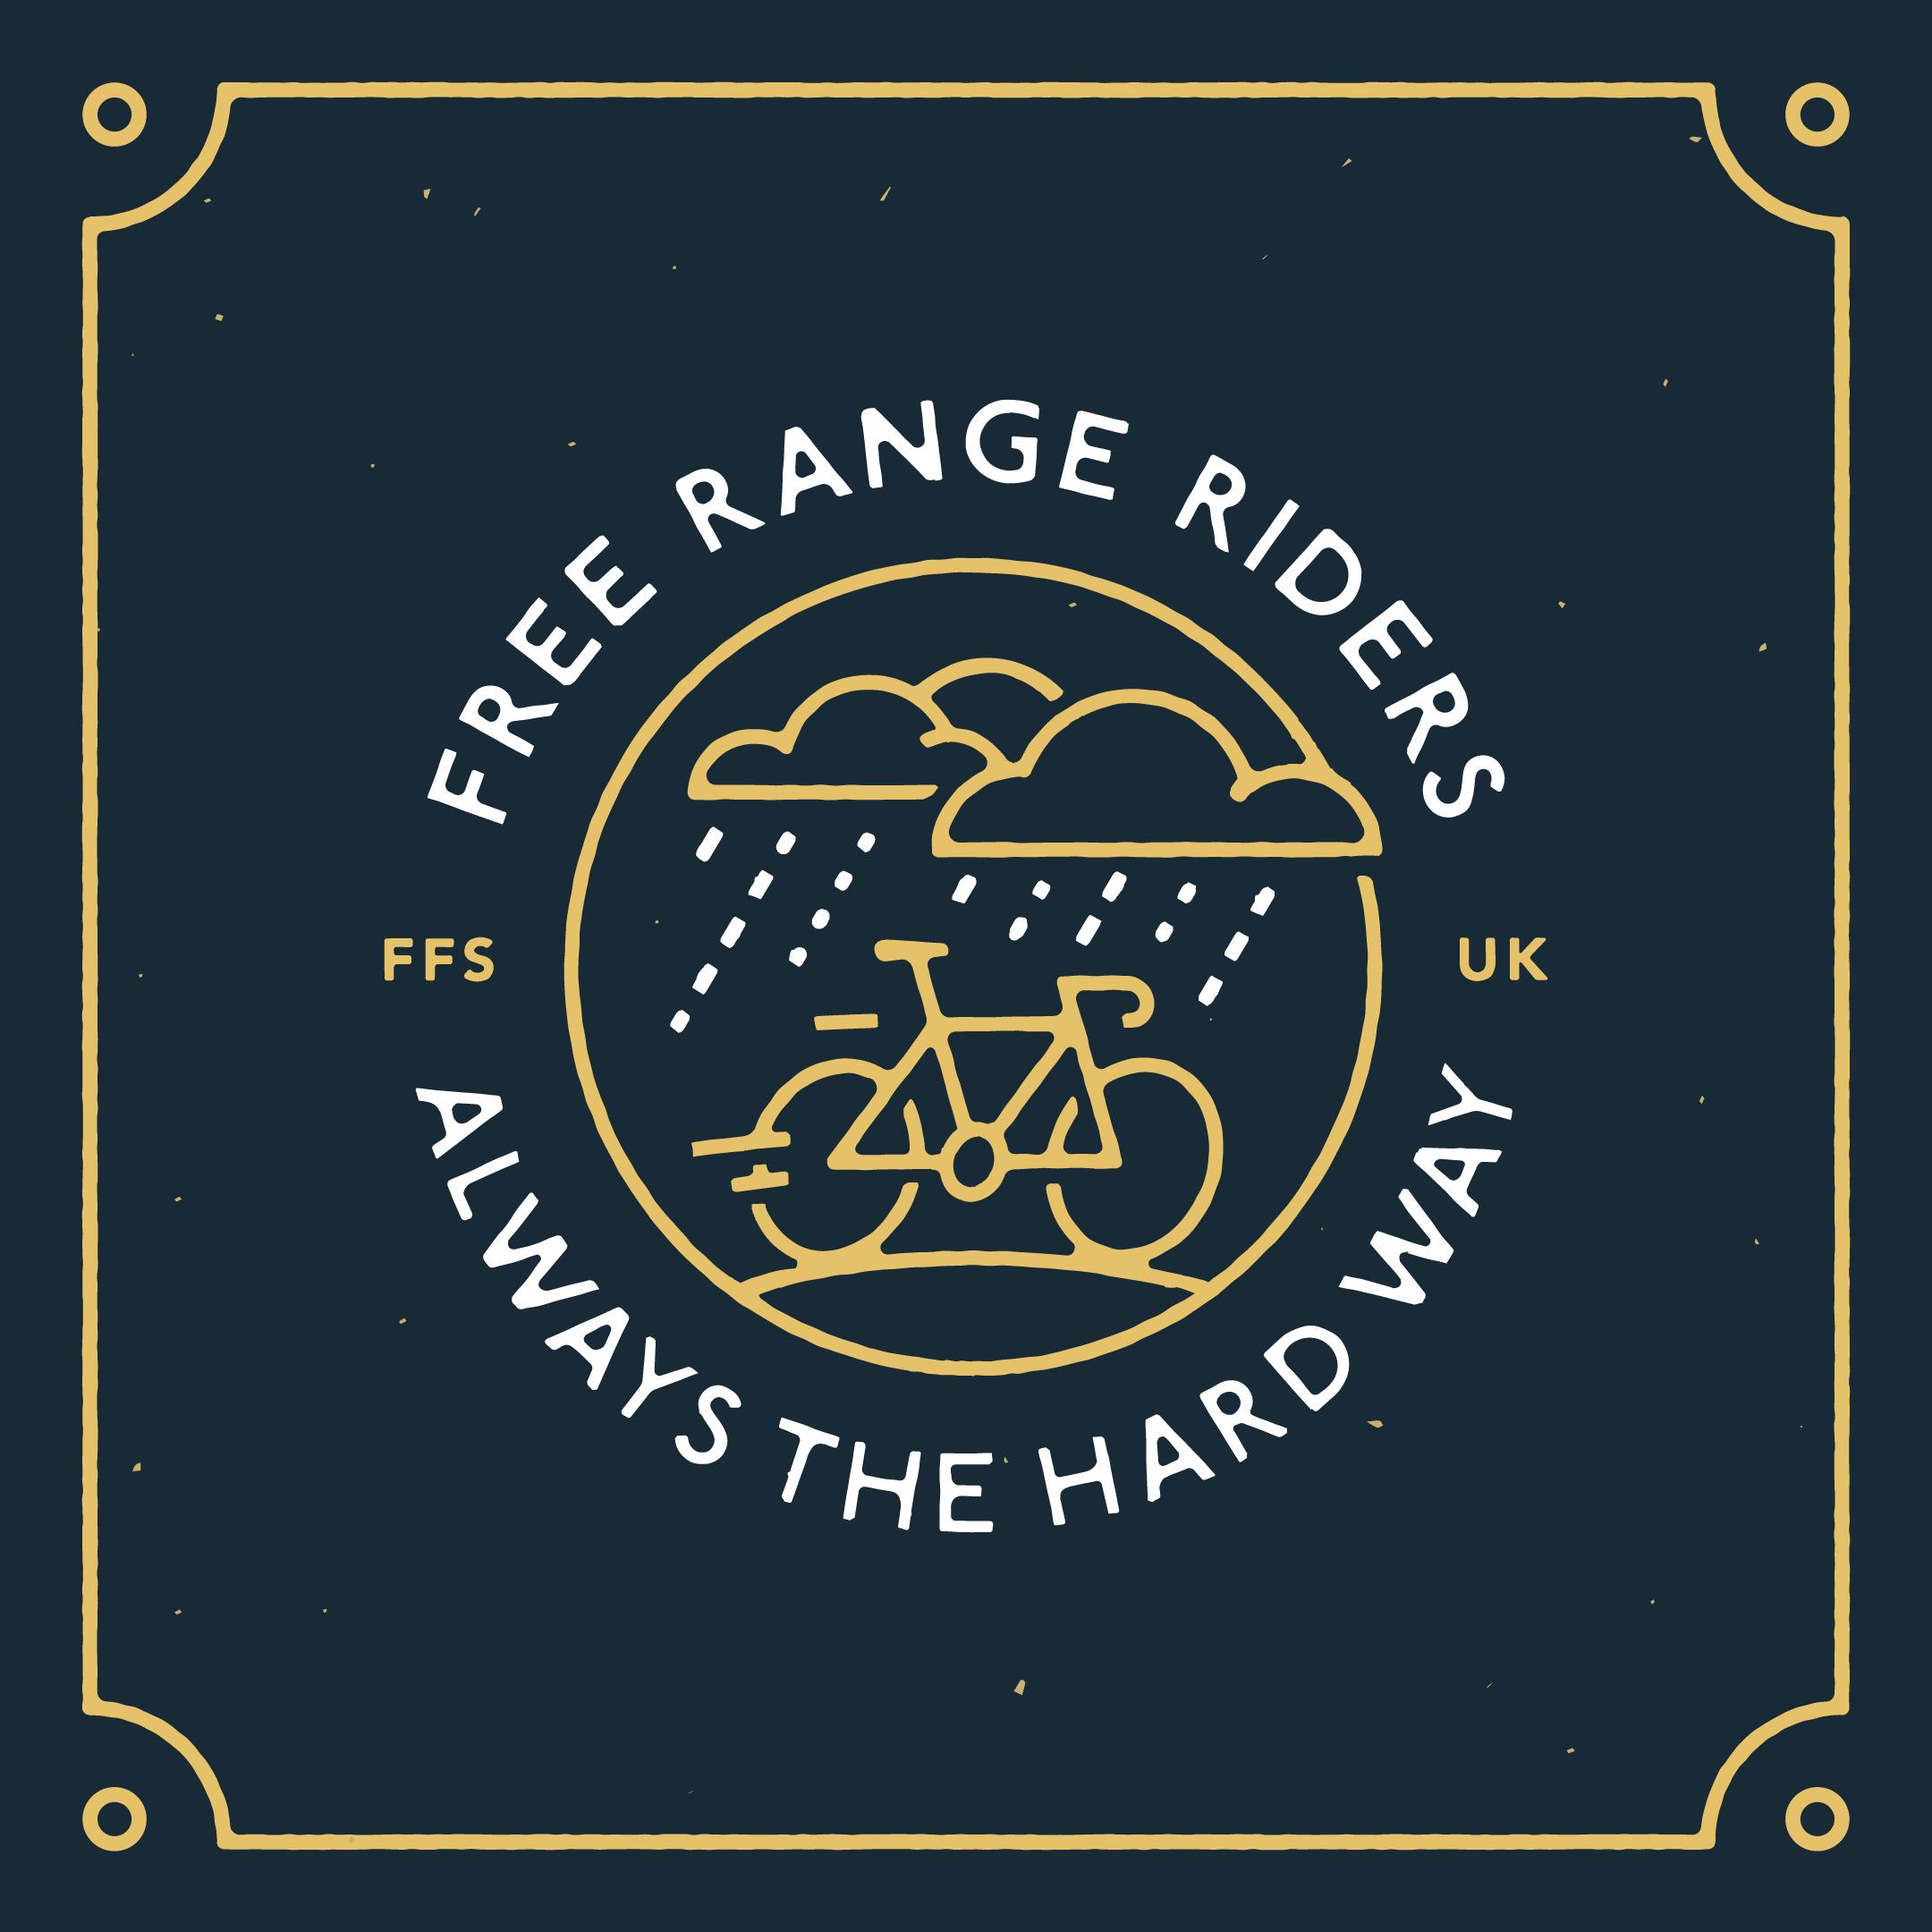 Free Range Riders branding